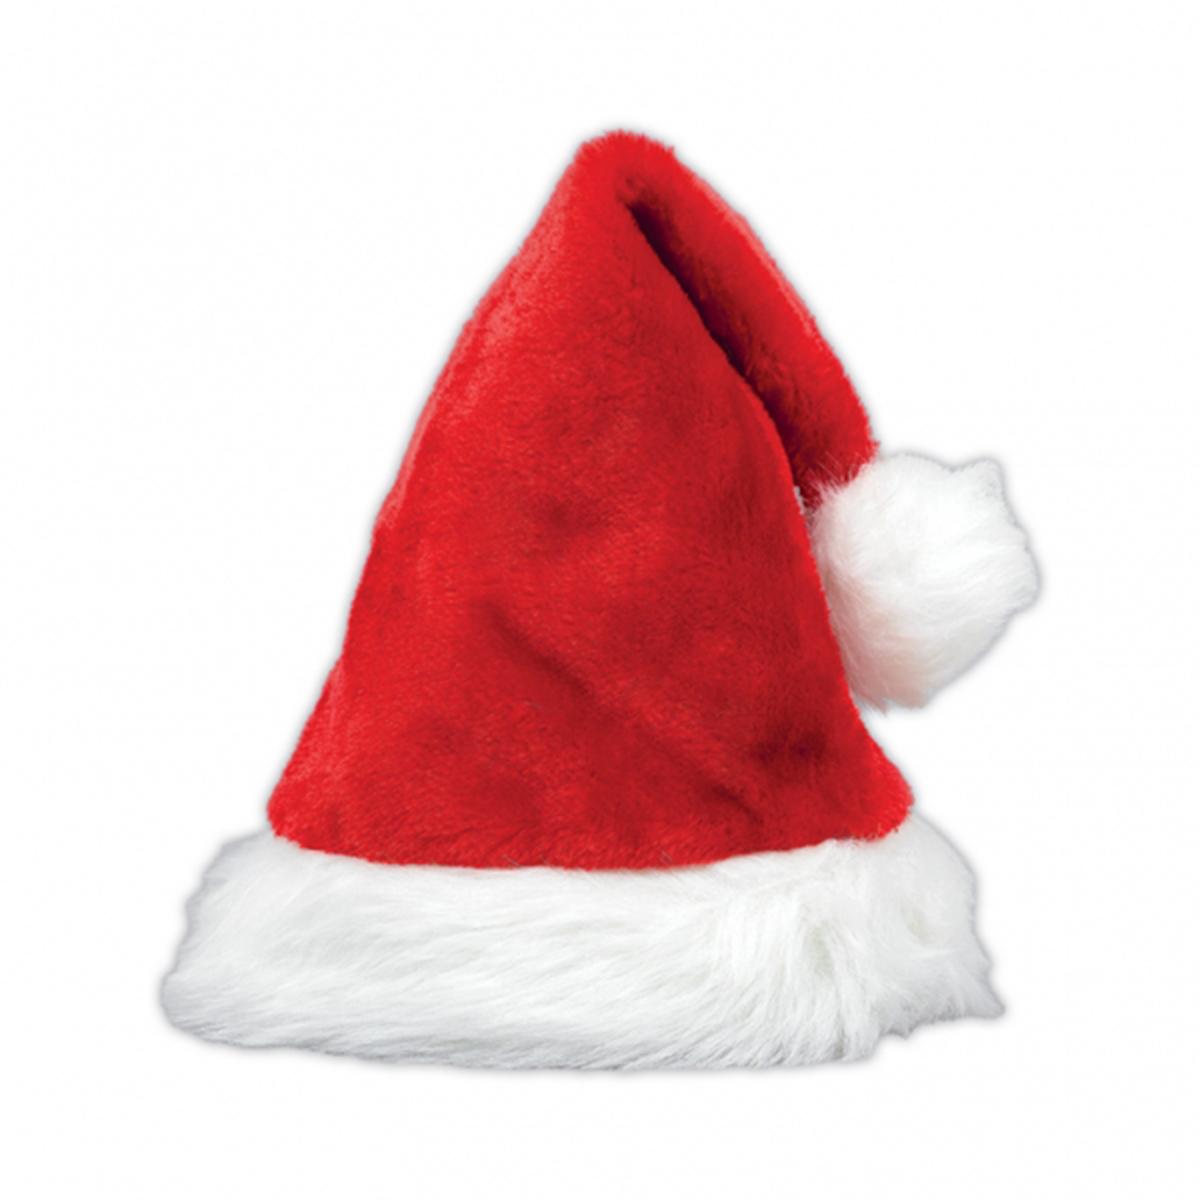 Bonnet du Père Noël - 40x27 cm